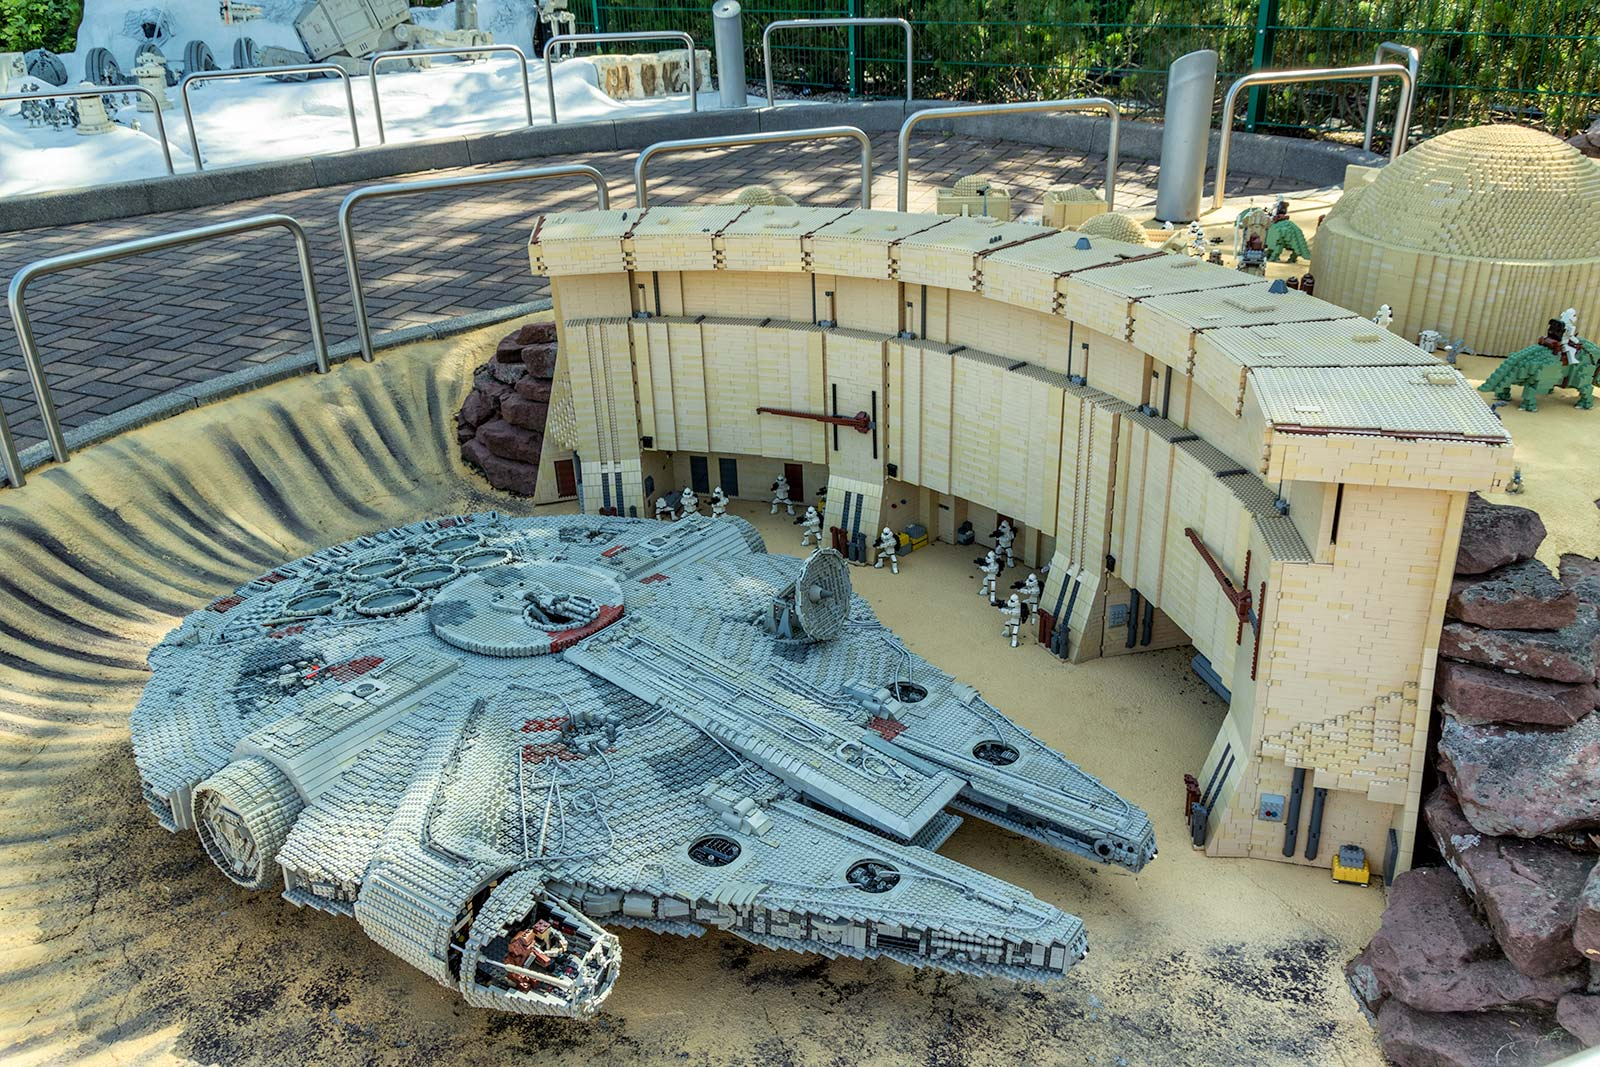 Legoland Millennium Falcon